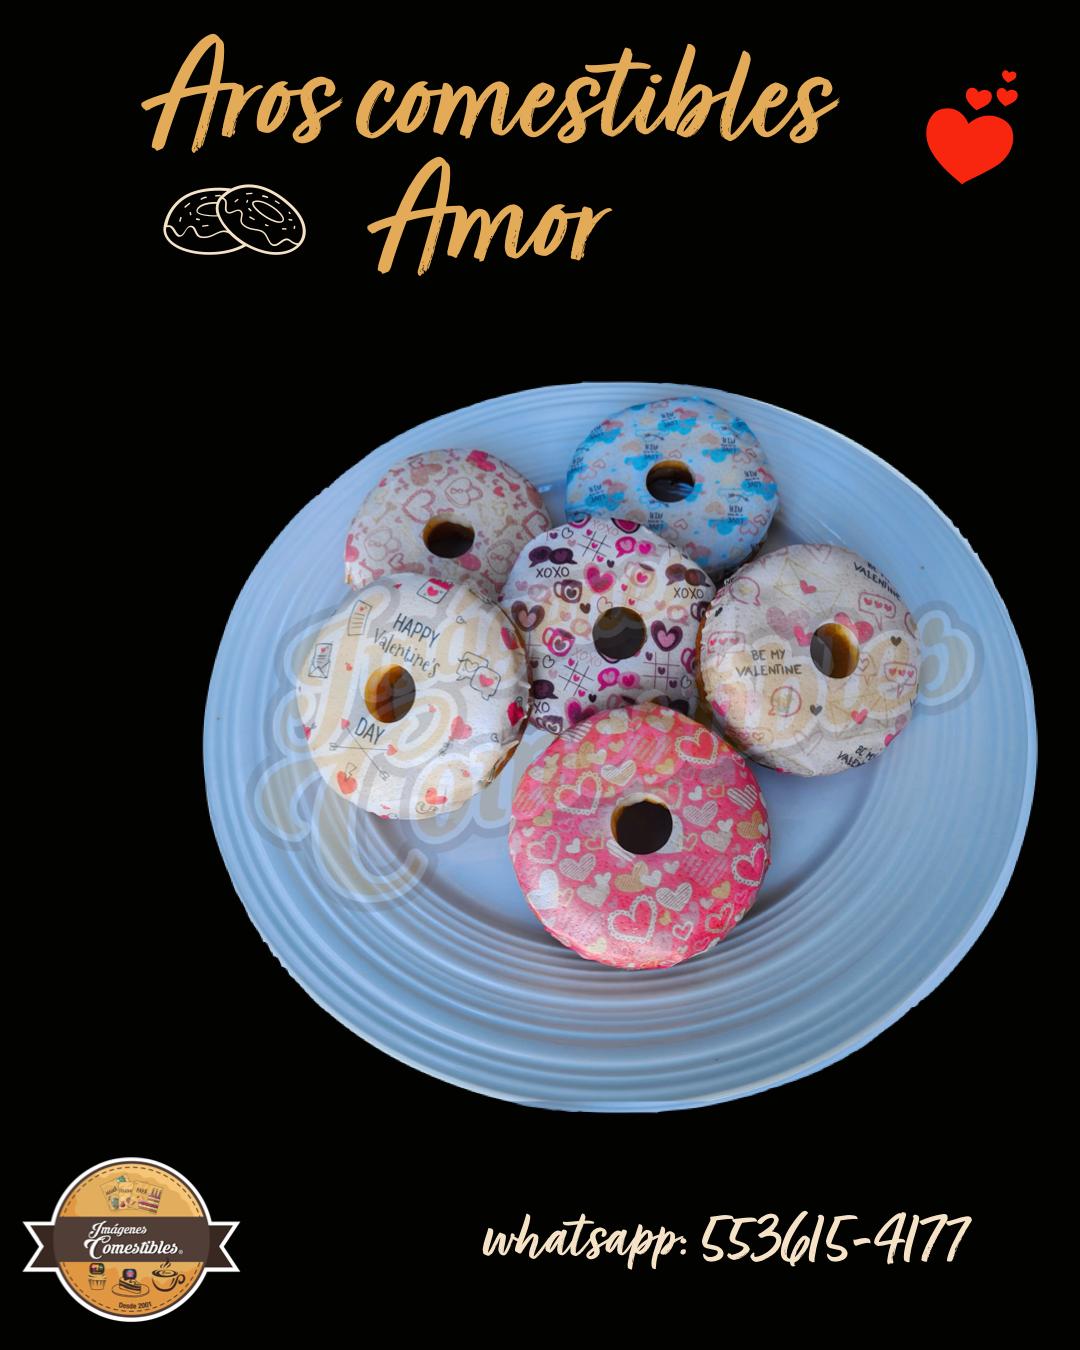 https://0201.nccdn.net/4_2/000/000/018/5fa/aros-comestibles-amor-14-feb-2021.png